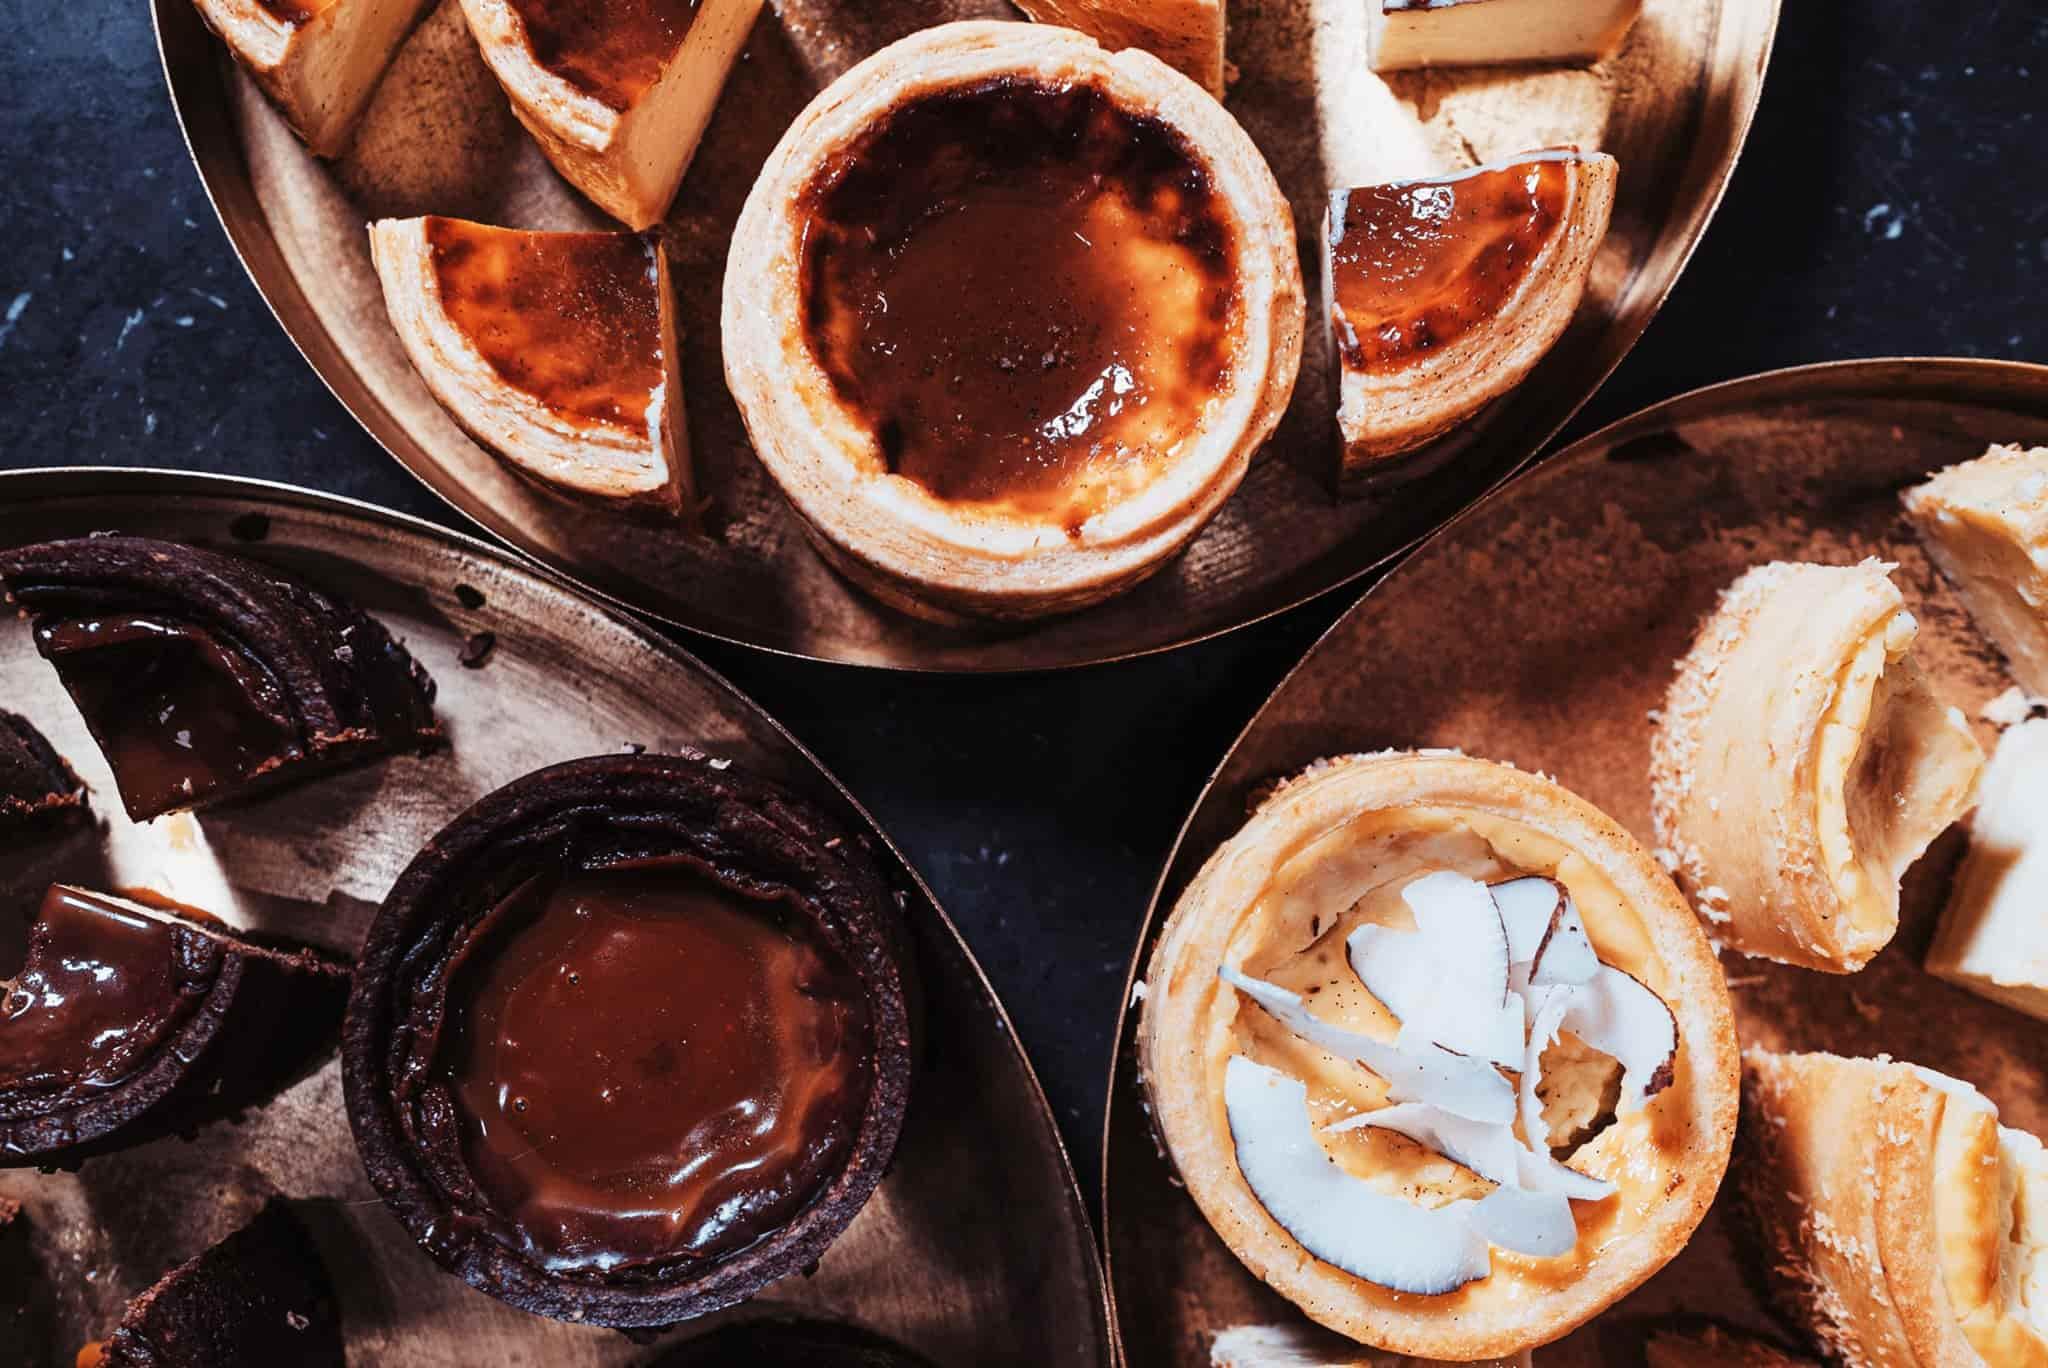 Doucetti : le spécialiste du flan pâtissier vient d'ouvrir une boutique éphémère à Bordeaux